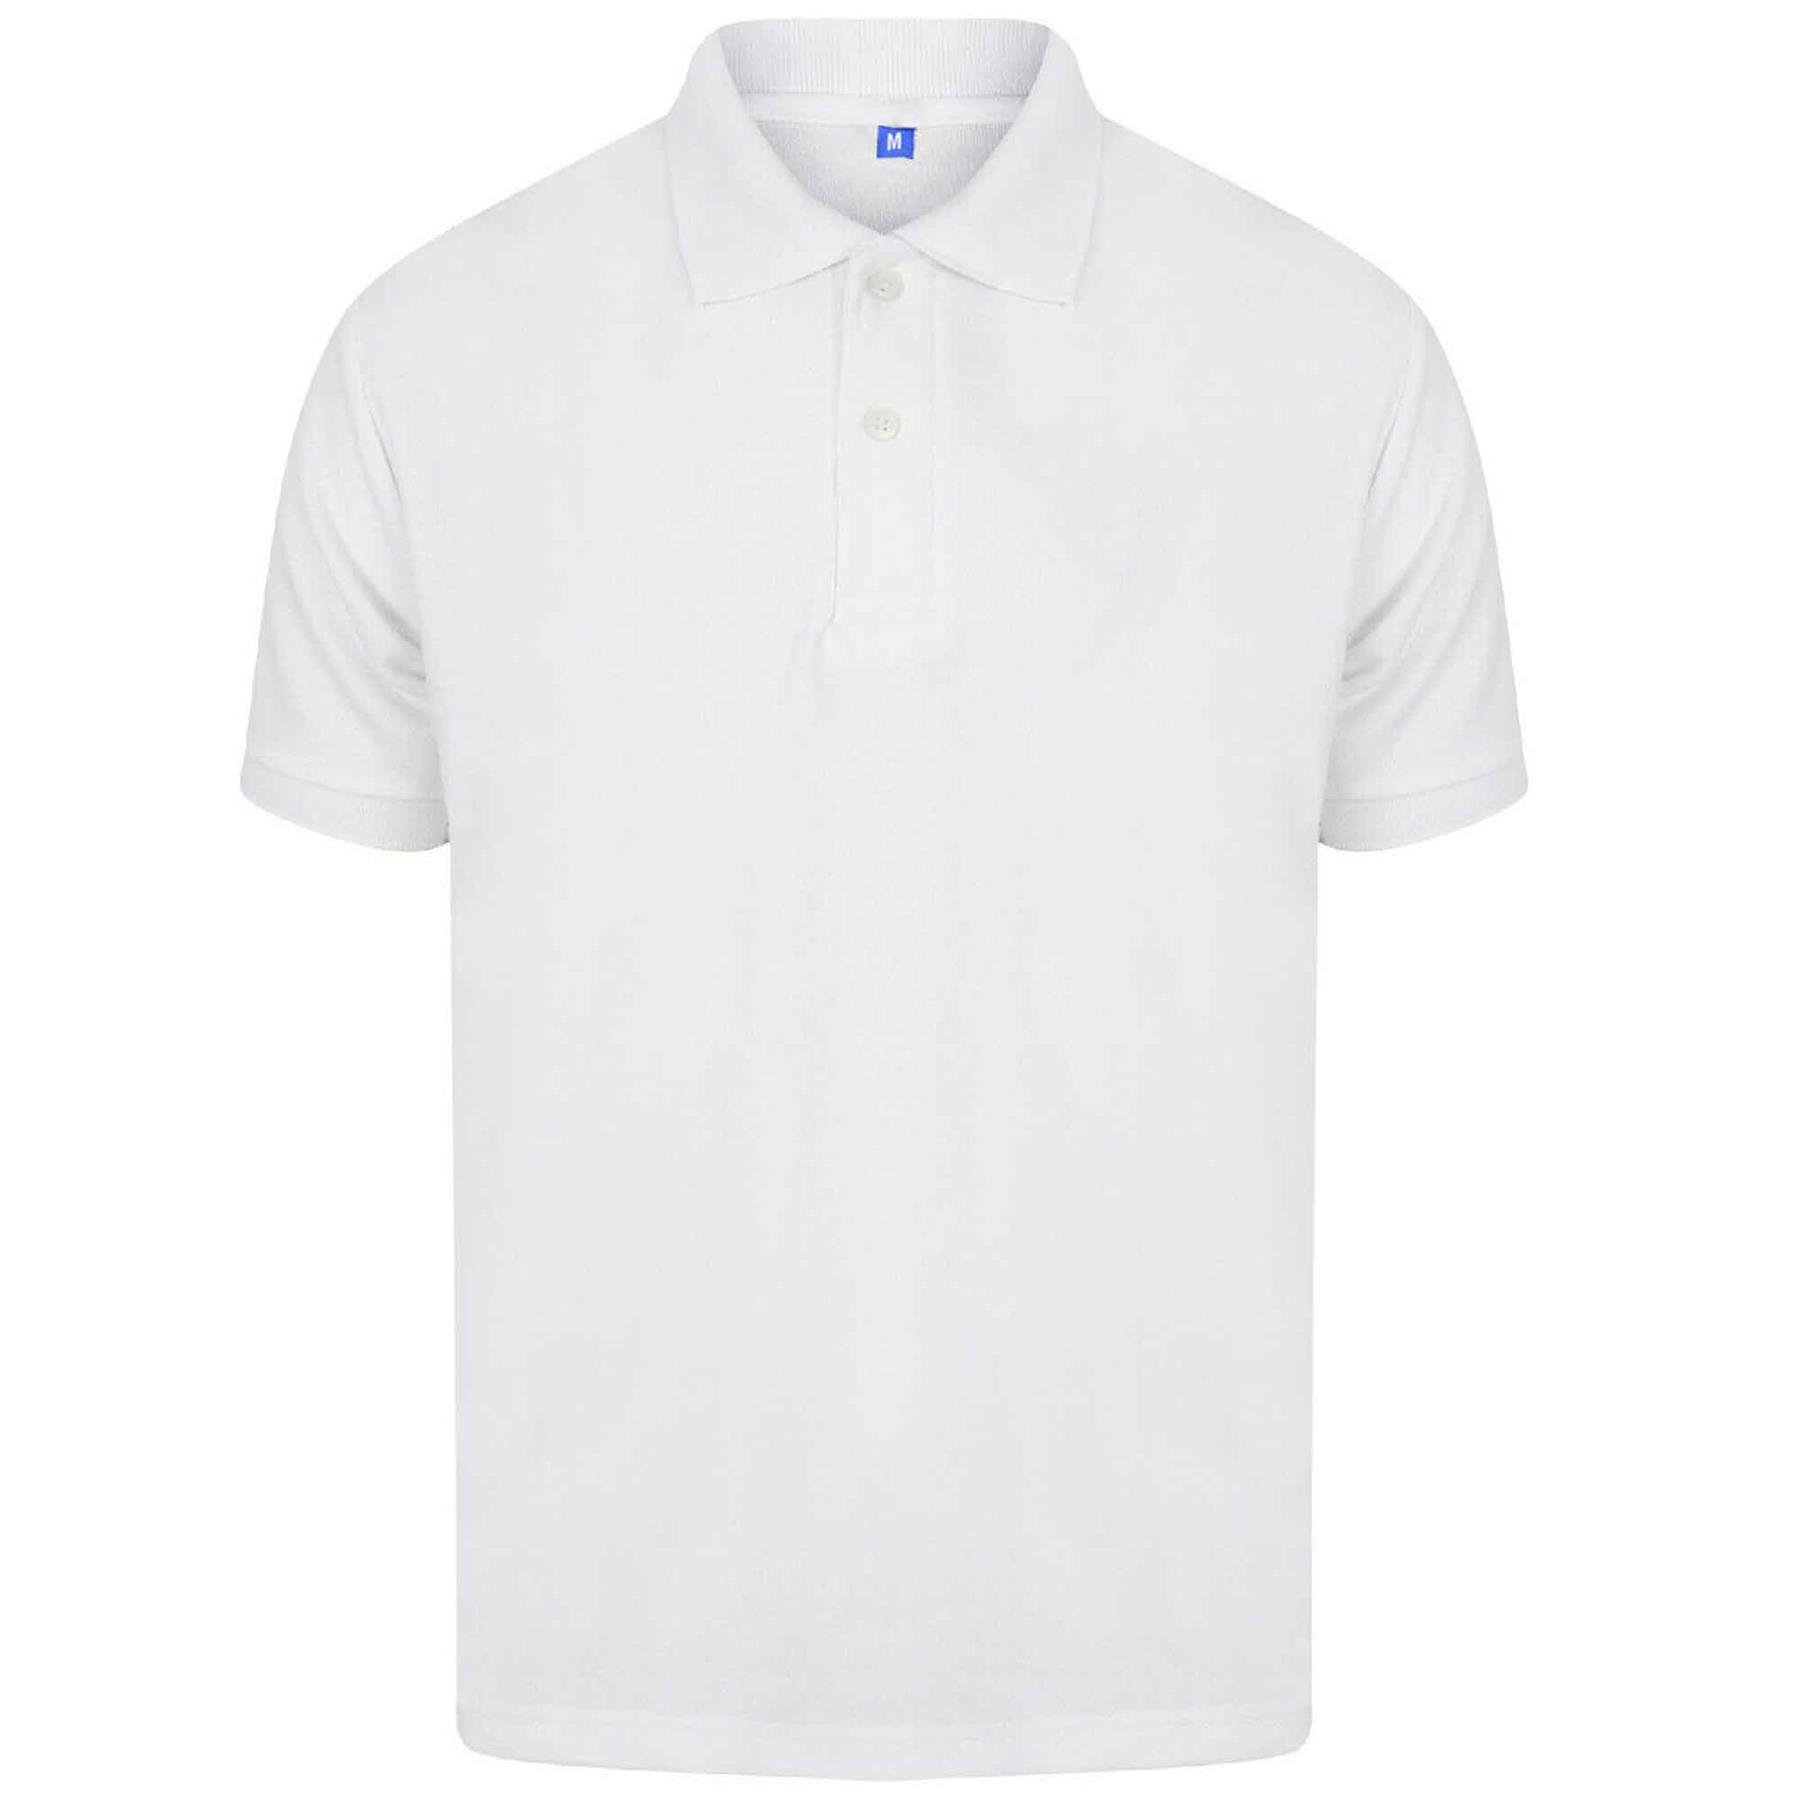 Indexbild 62 - Herren Polohemd Freizeit T-Shirts Neu Schlicht Kurzärmeliges Regular Fit